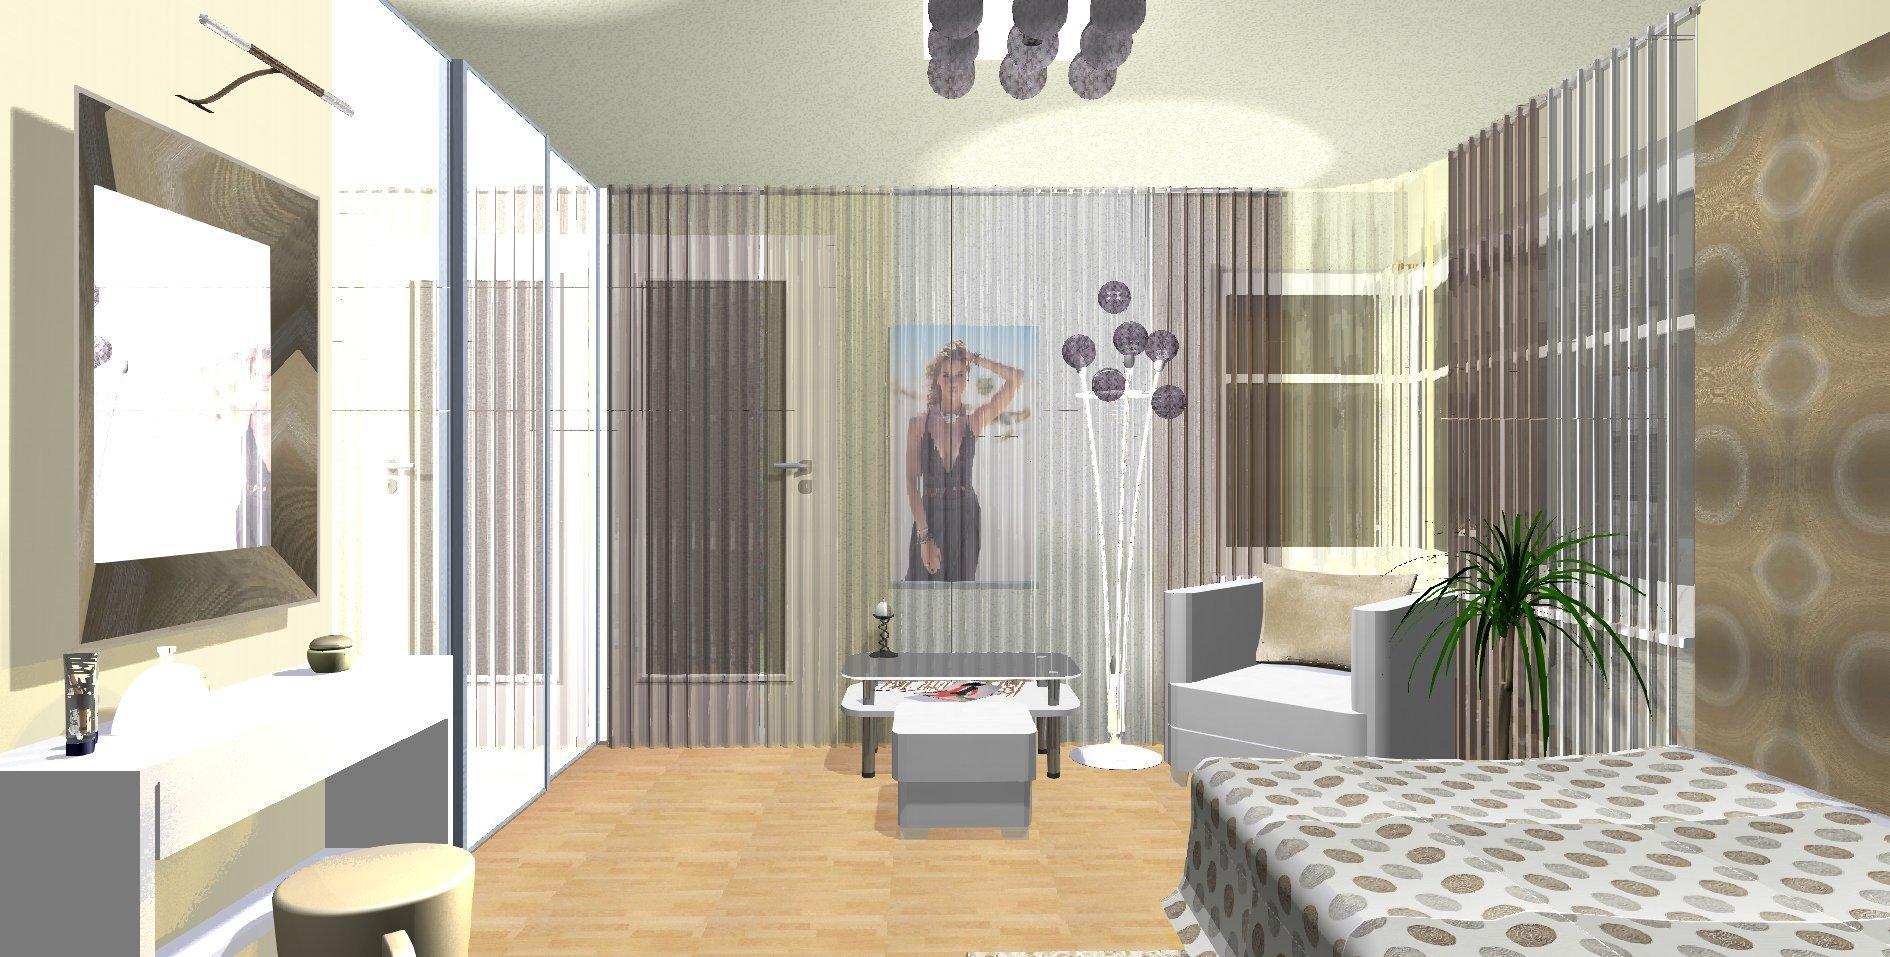 Dívčí pokoj disponuje rohovými okny, které doplnily pásy voálových záclon na průběžné tvarované kolejnici. Jednotlivé pruhy voálů jsou v barevné stupnici…